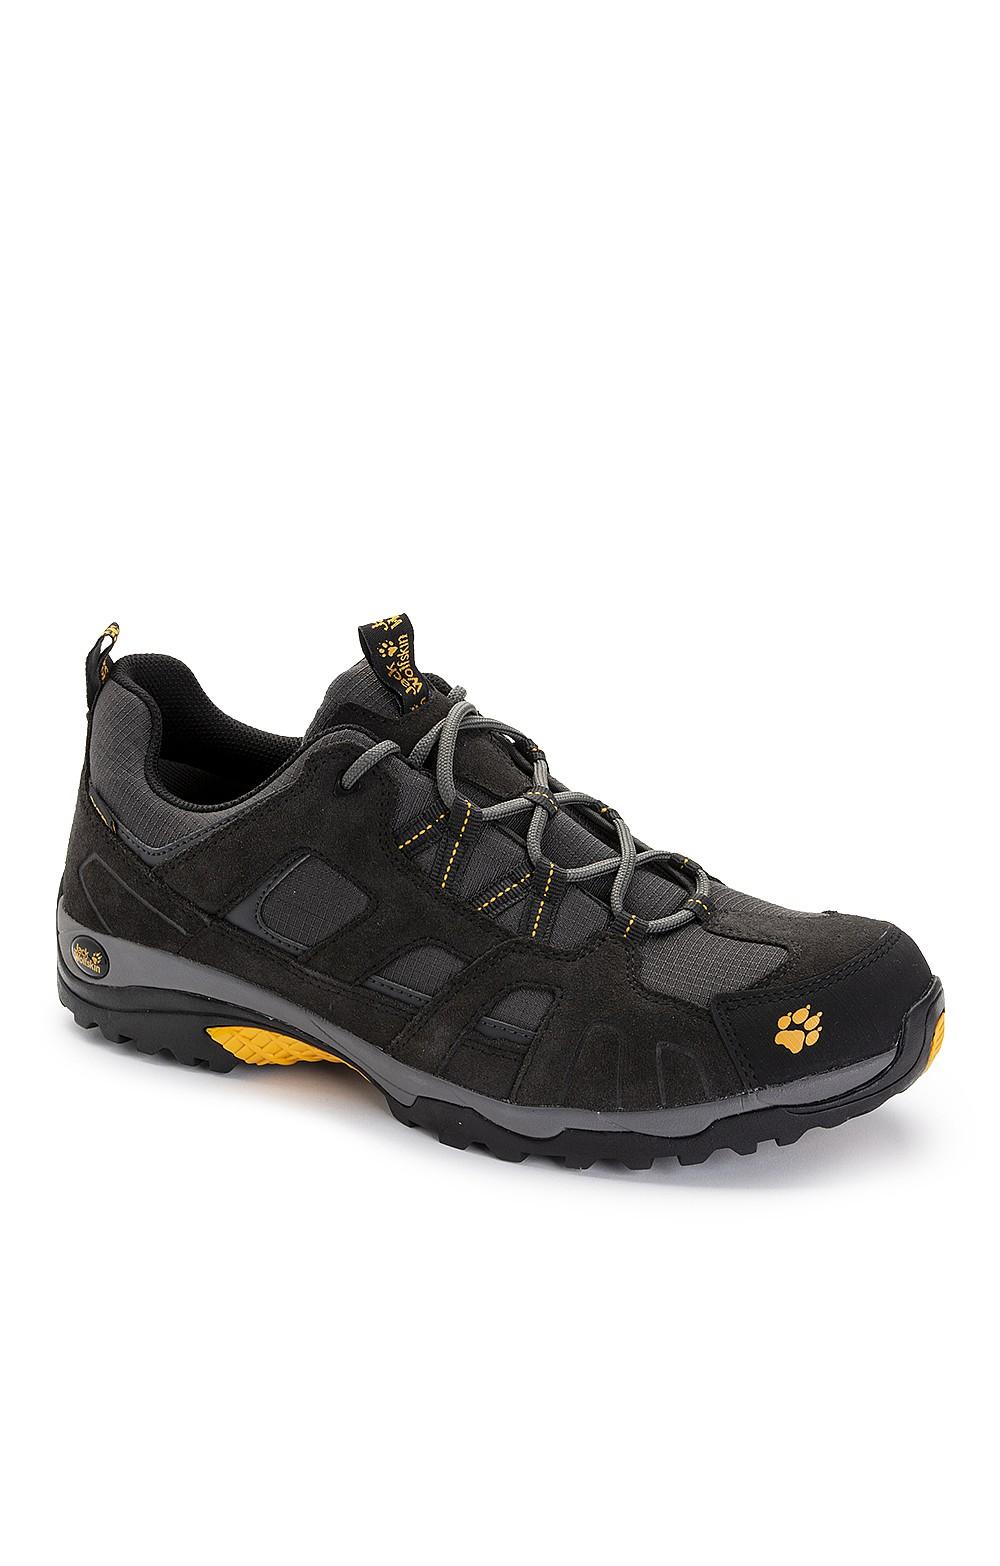 Men's Jack Wolfskin Vojo Hike Waterproof Shoe